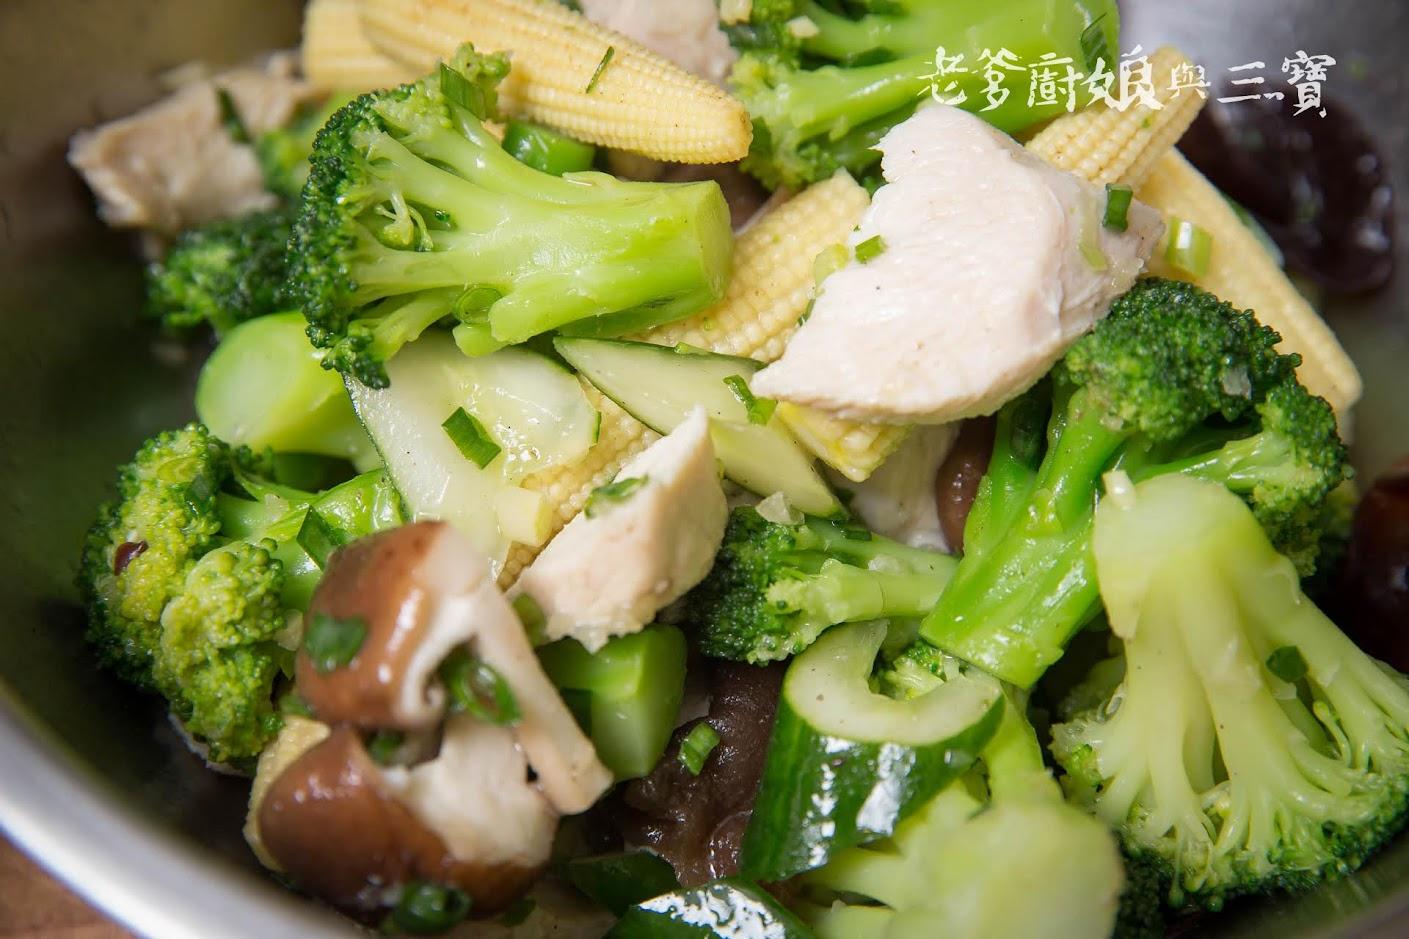 精打細「蒜」,「蔥」出美味好料理,免爆香香油、炒菜好幫手…福壽對味油坊~蔥味香油/蒜味香油